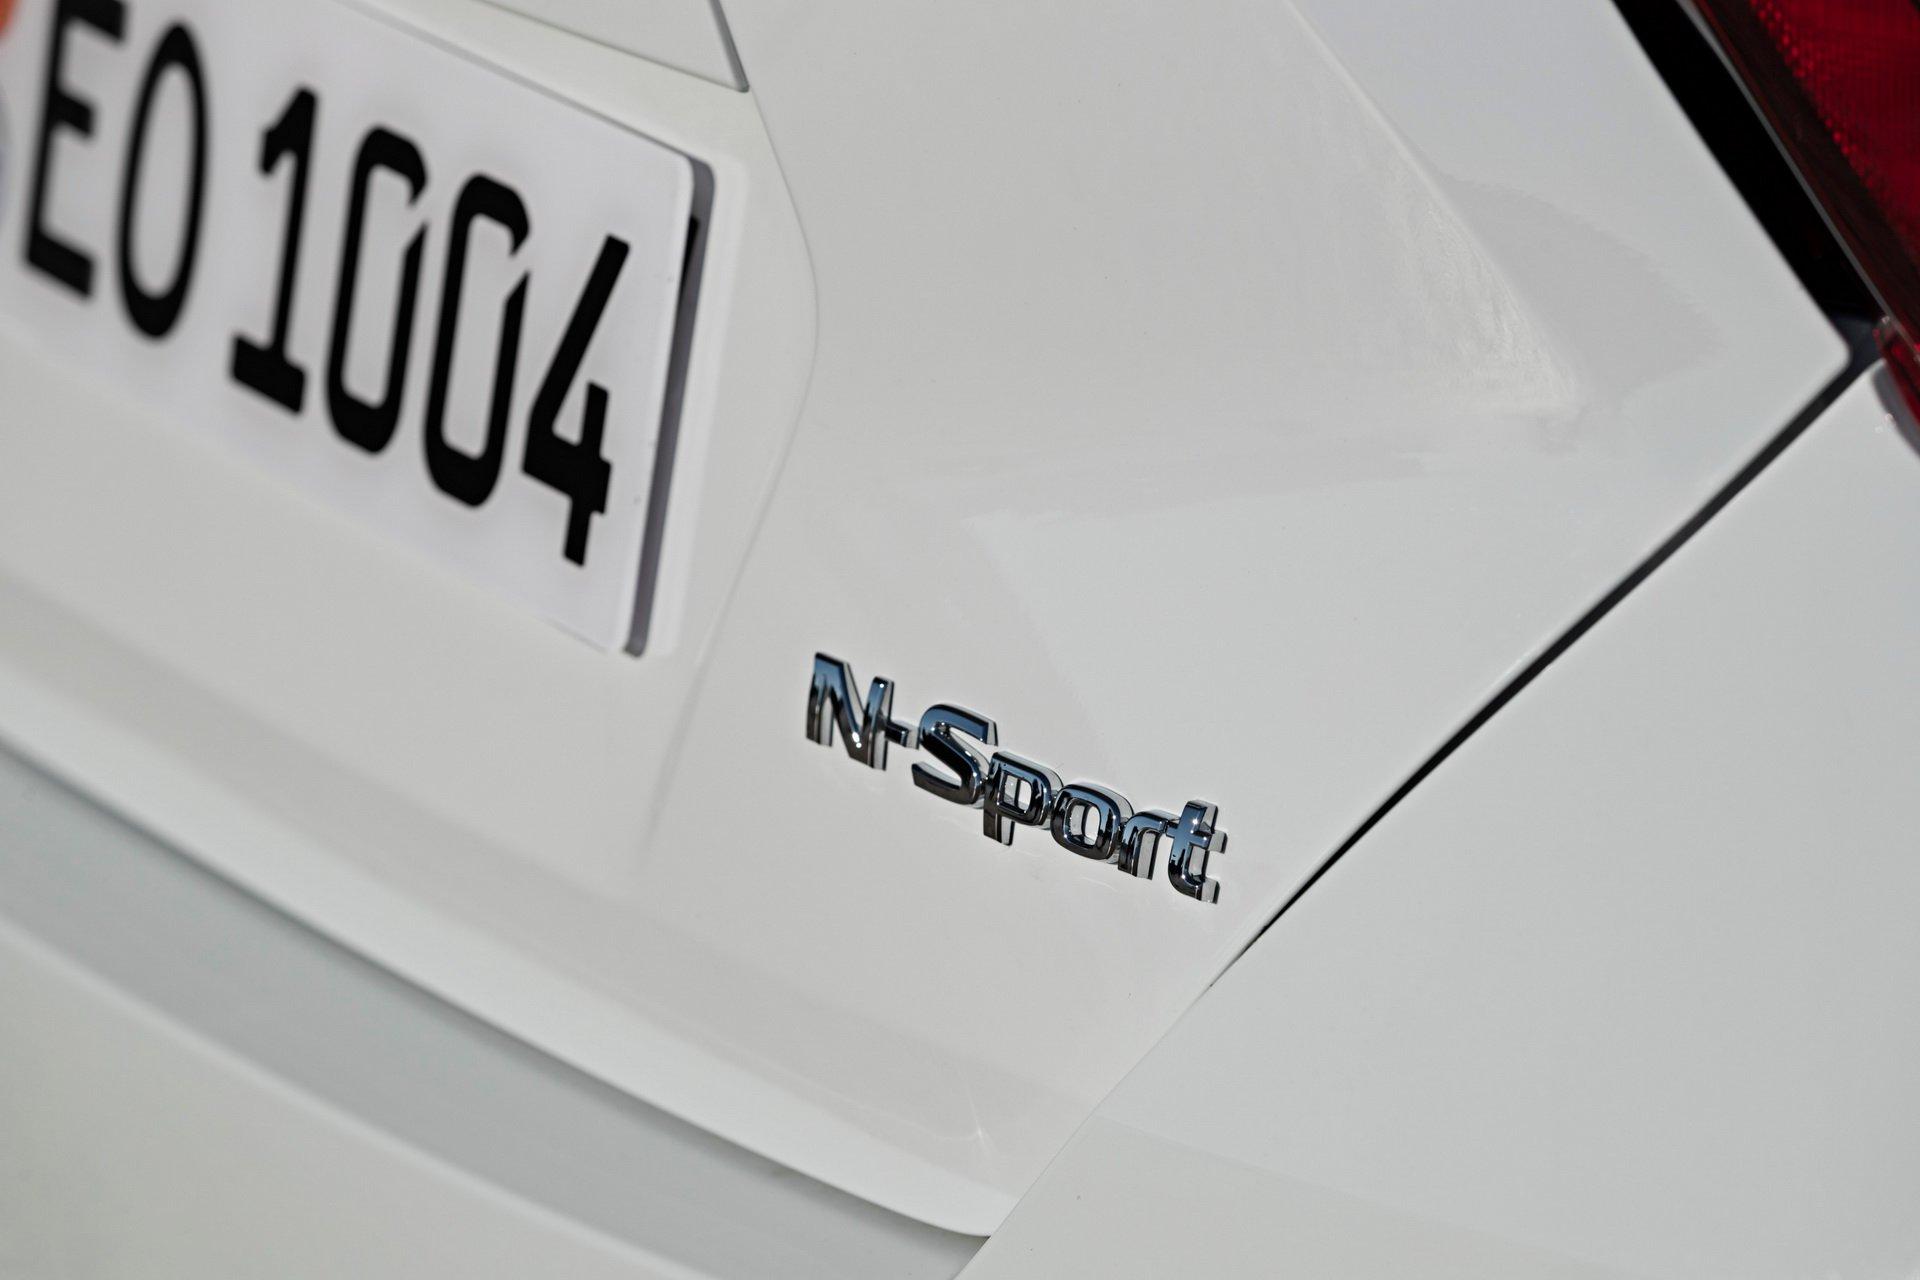 e6b94c5a-2019-nissan-micra-n-sport-50